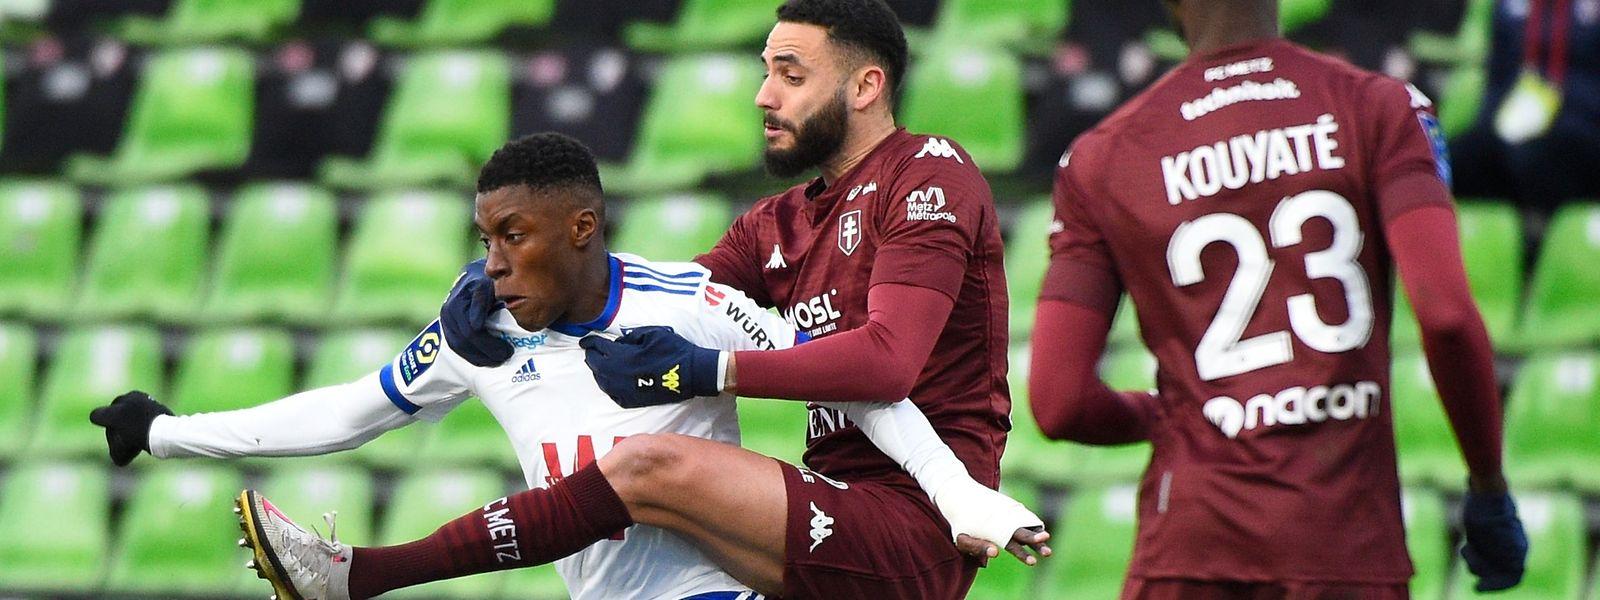 Dimanche, les Grenats se rendent à Nice pour le compte de la 26e journée de Ligue 1.